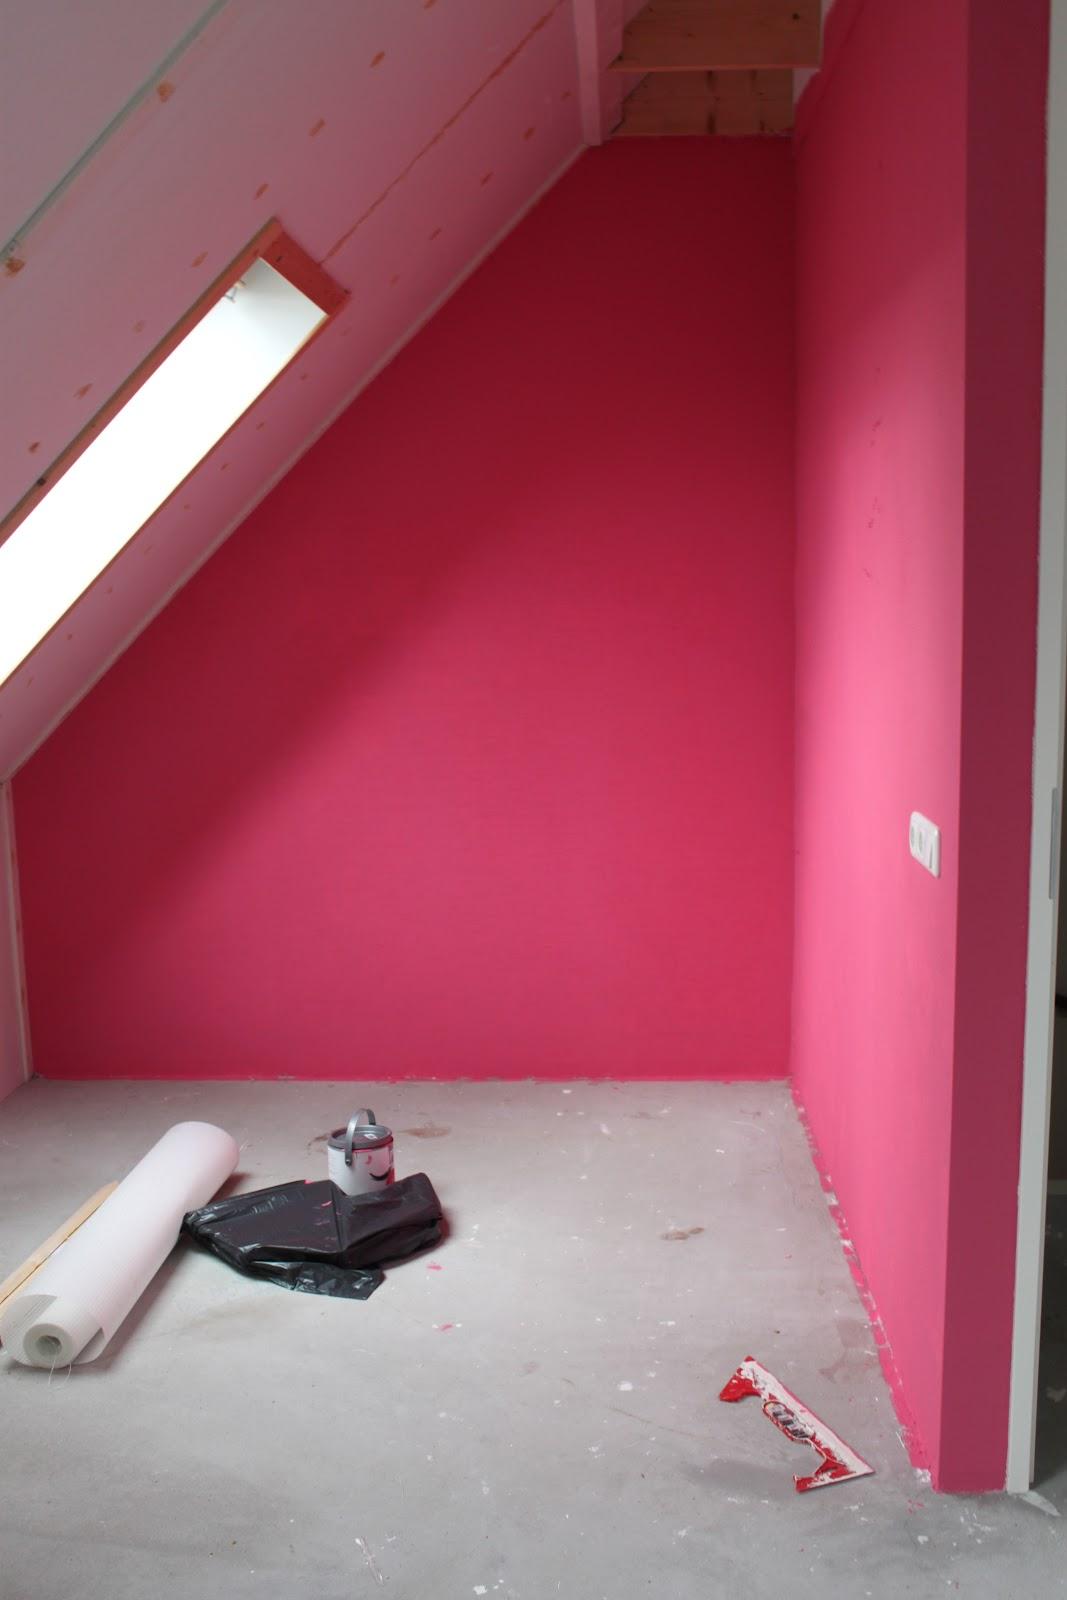 Zolder Idee Kinderkamer: Kinderkamers op zolder interieur inrichting.